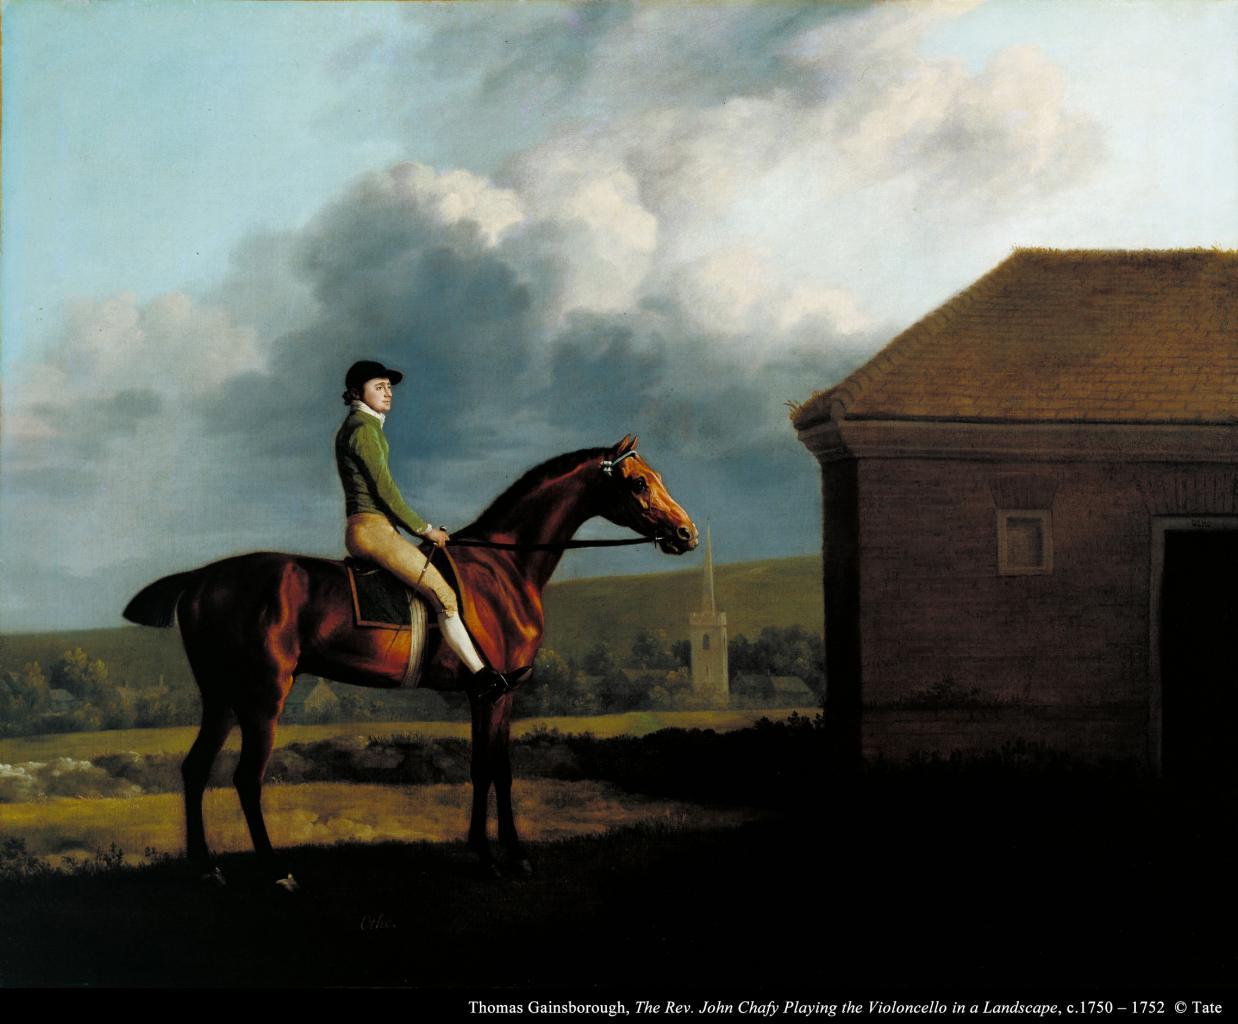 乔治‧史塔布斯《约翰.拉金策骑的奥托》的图片